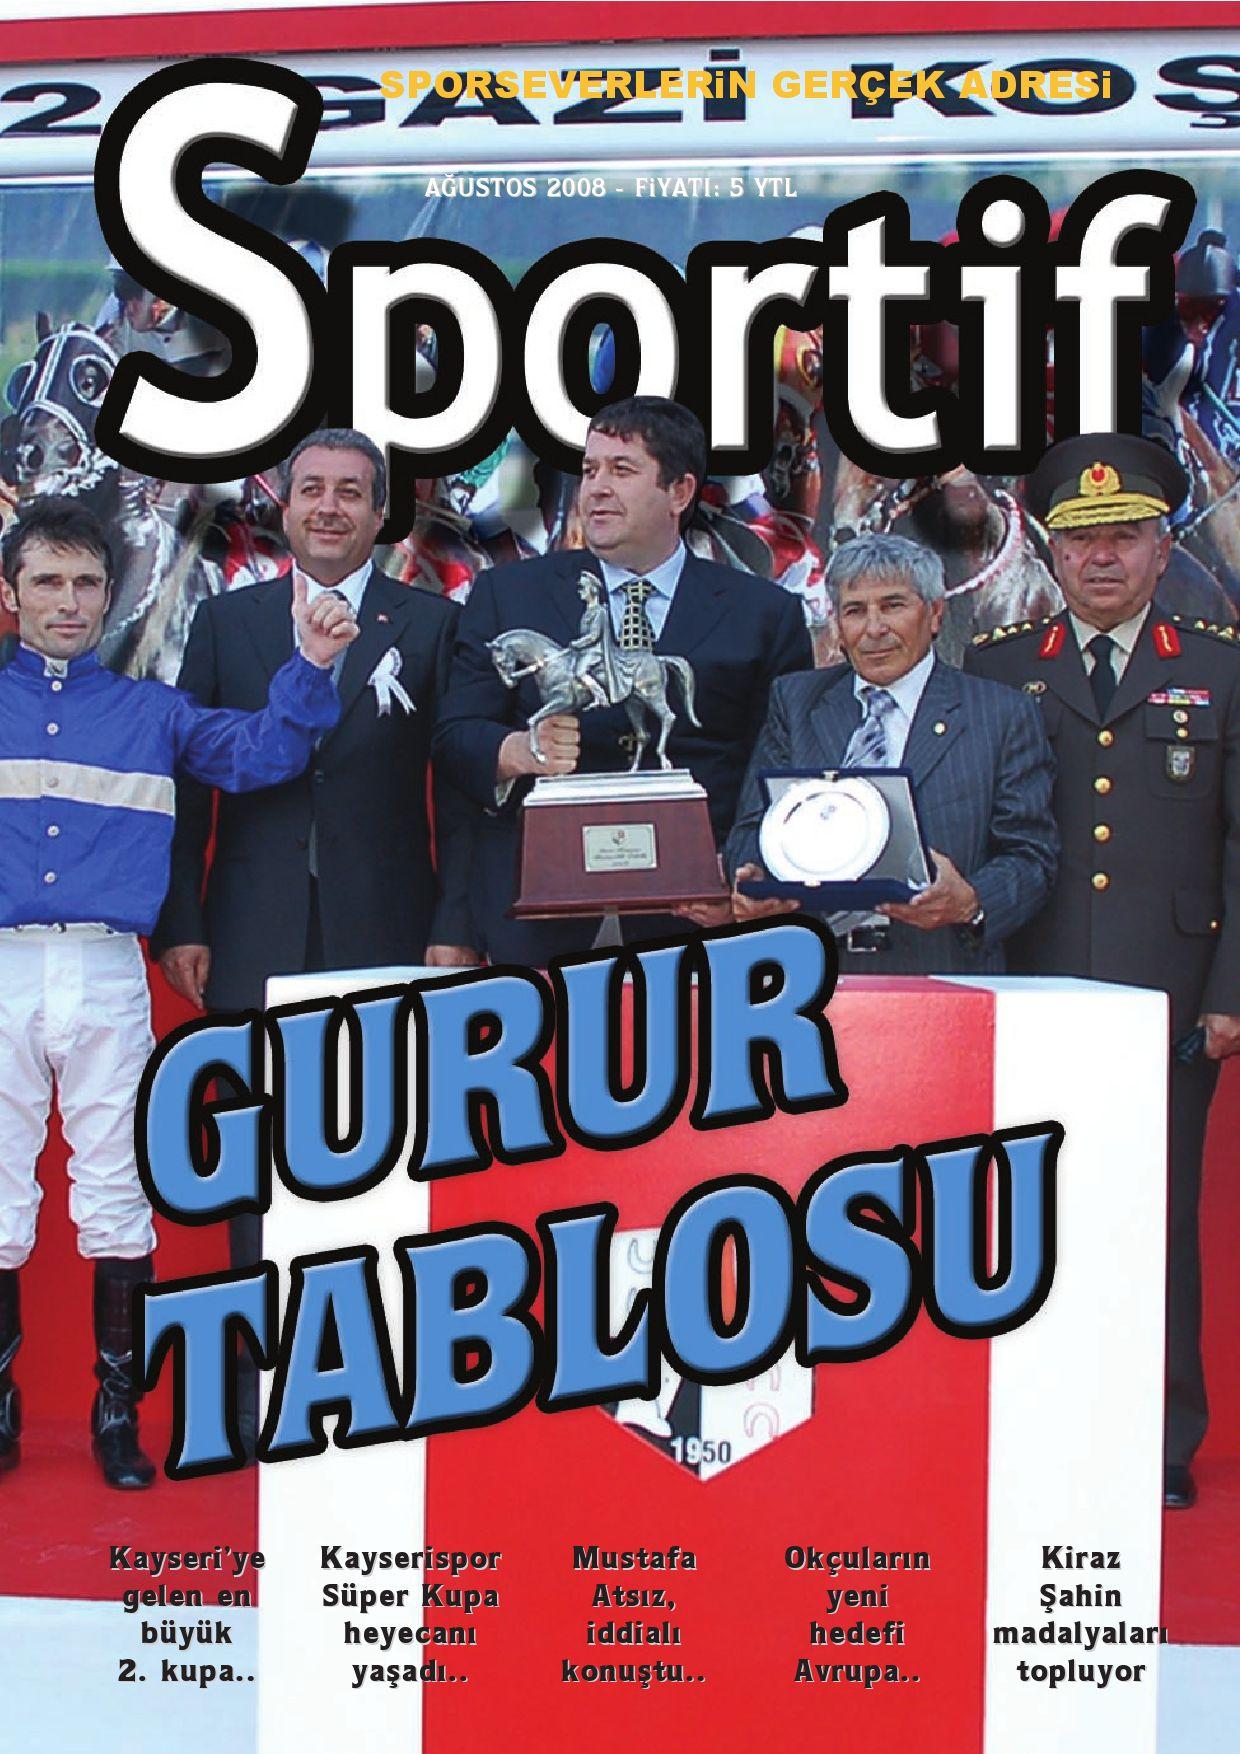 Sportif Dergi 12 Sayi By Ayhan Baynal Issuu